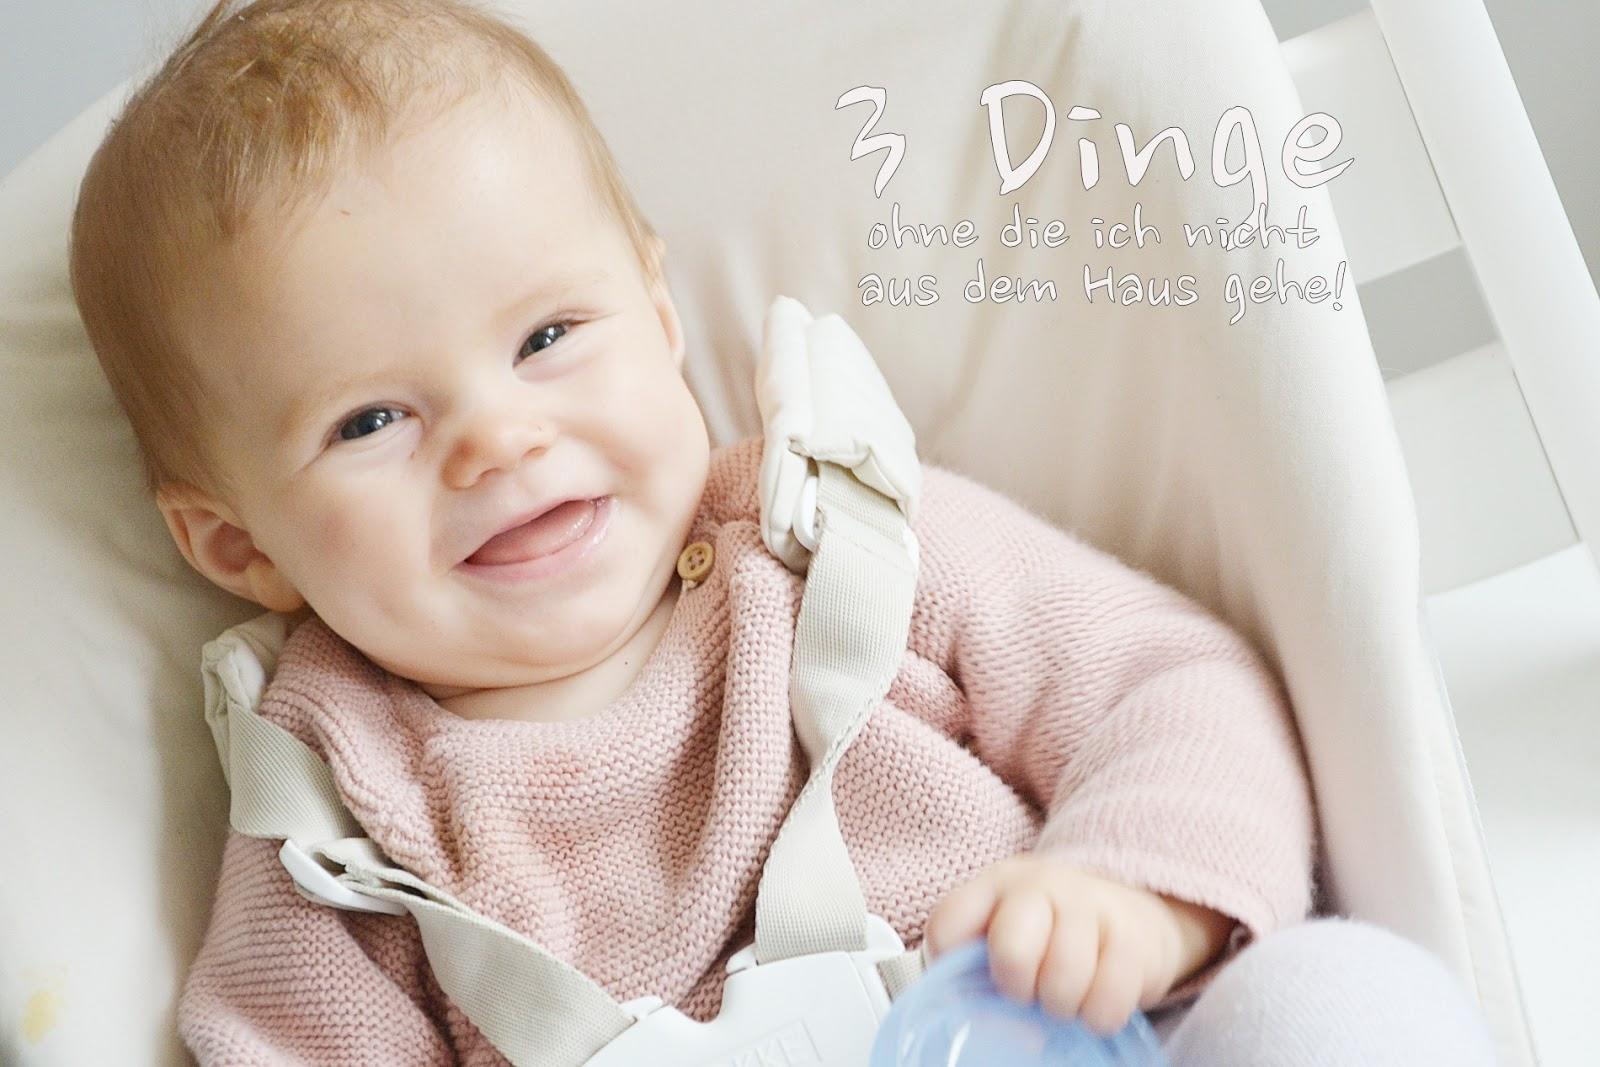 Leben mit Baby: DREI DINGE, OHNE DIE ICH NICHT AUS DEM HAUS GEHE ...